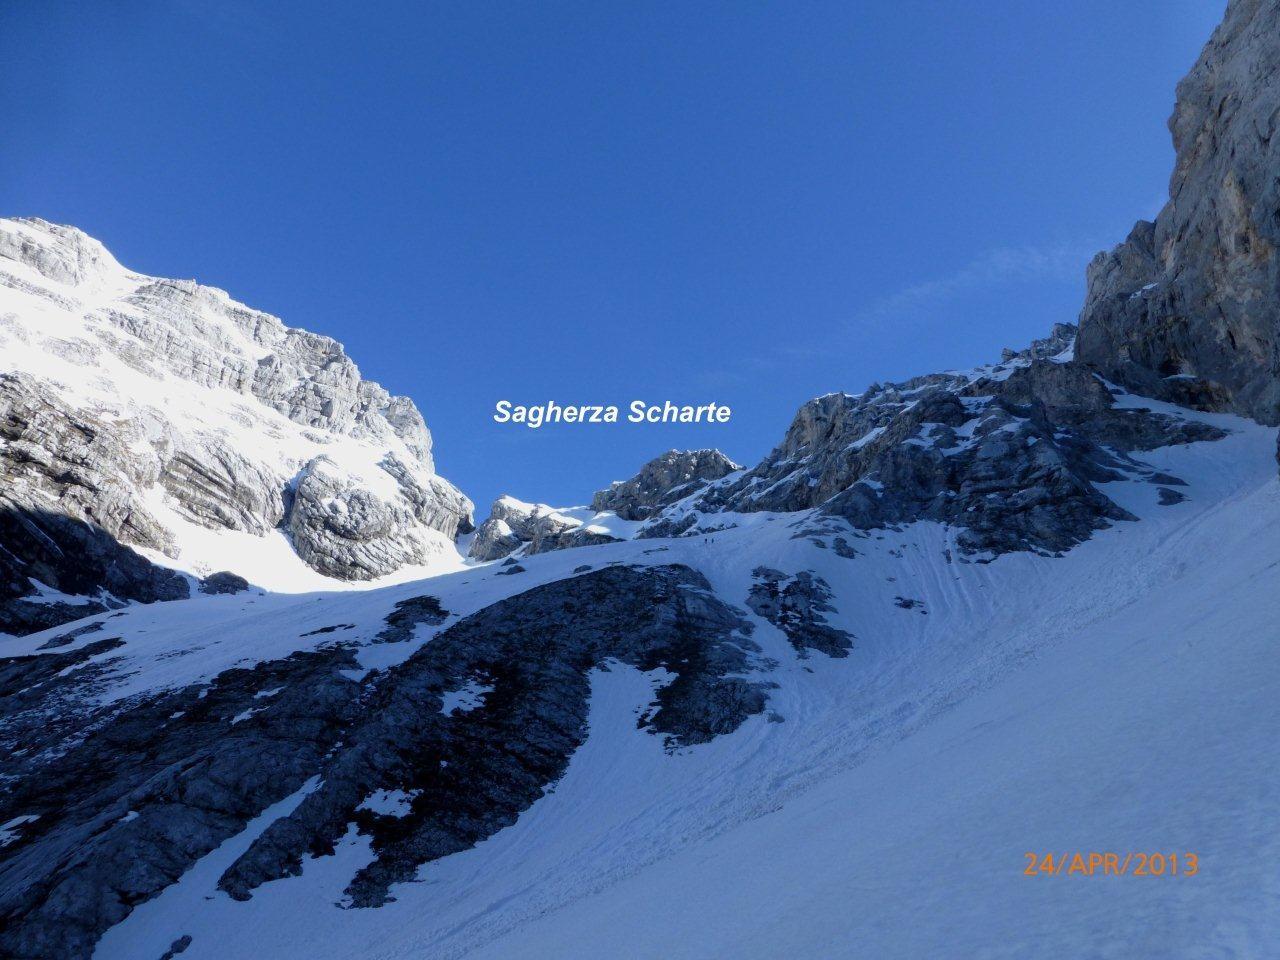 Skitour zur Sagherza Scharte in den Julischen Alpen